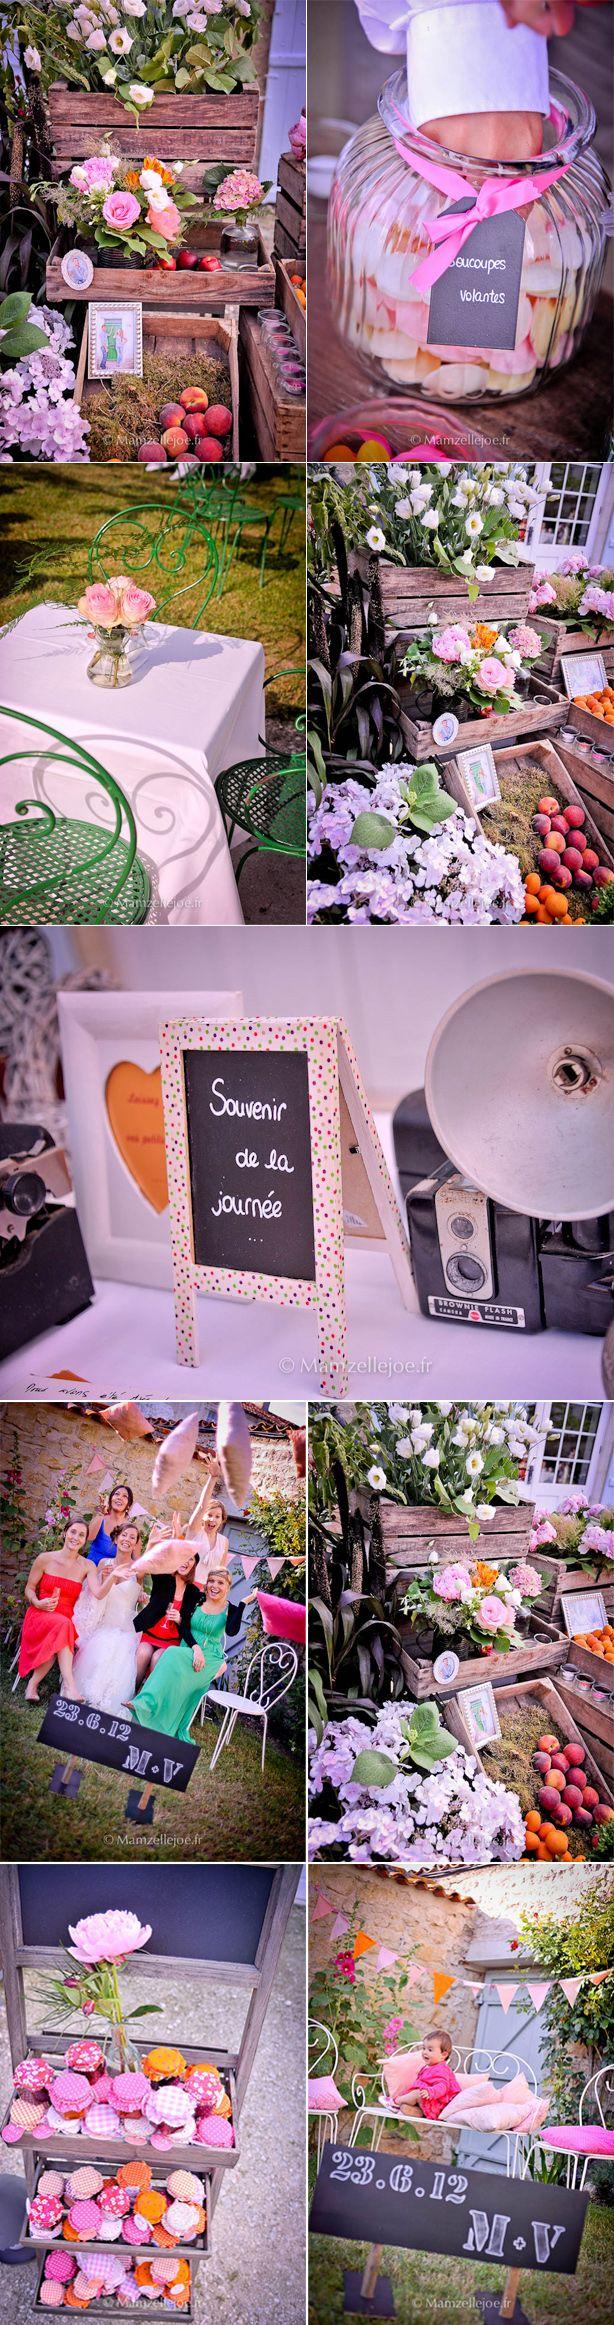 Pots confitures étiquettes ©Mamzellejoe - mariage-charente-maritime-domaine-du-bois - Le blog de Madame c- 3